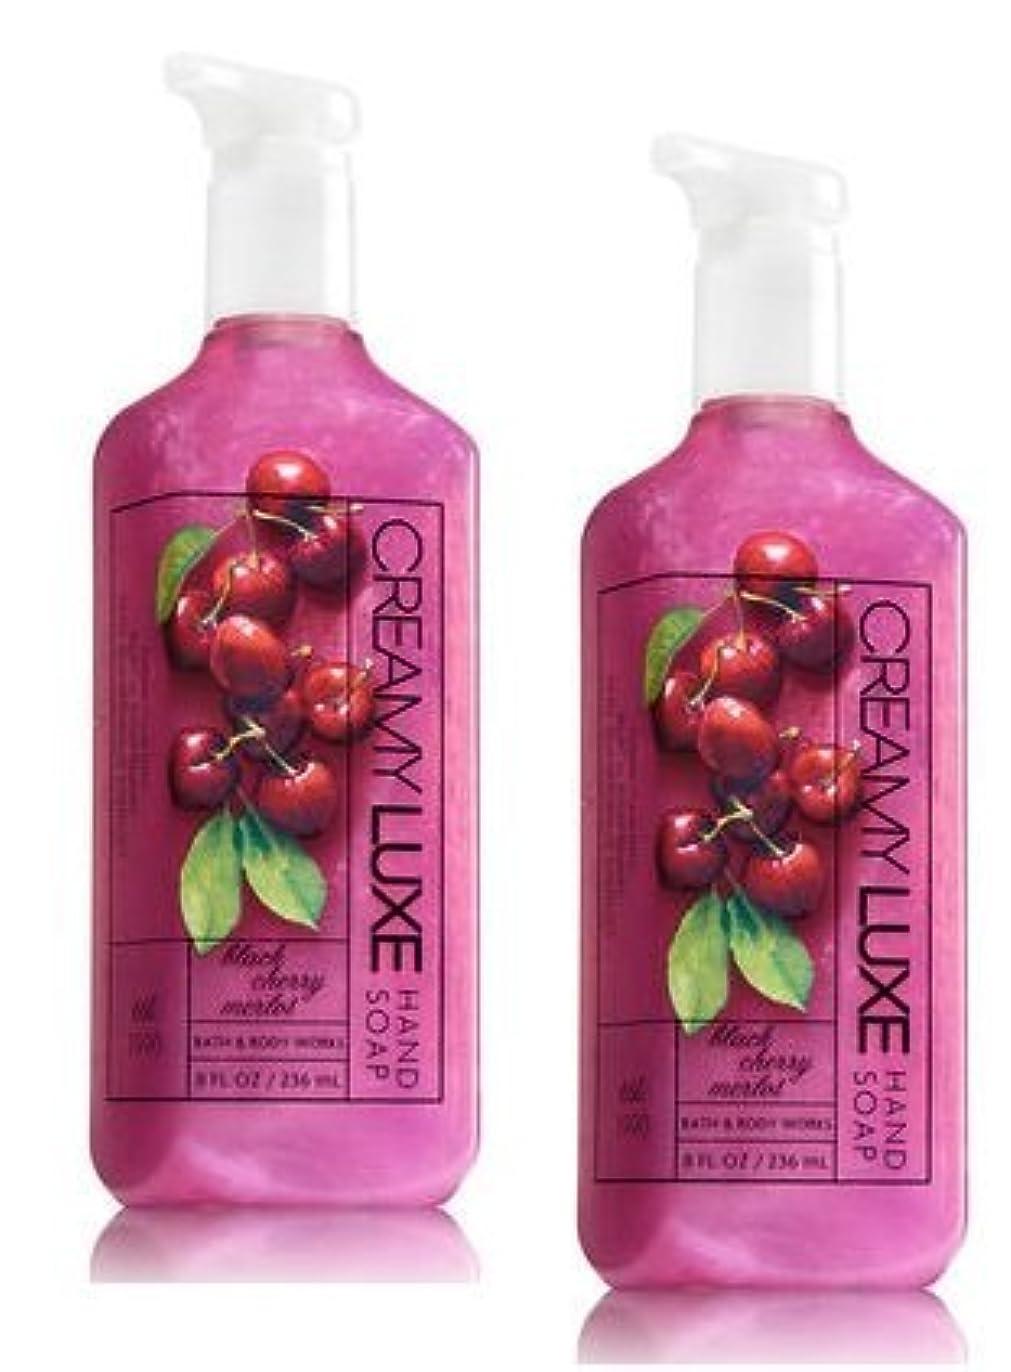 エンターテインメント優勢ケープBath & Body Works ブラックチェリーメルロー クリーミー リュクス ハンドソープ 2本セット BLACK CHERRY MERLOT Creamy Luxe Hand Soap. 8 oz 236ml [...